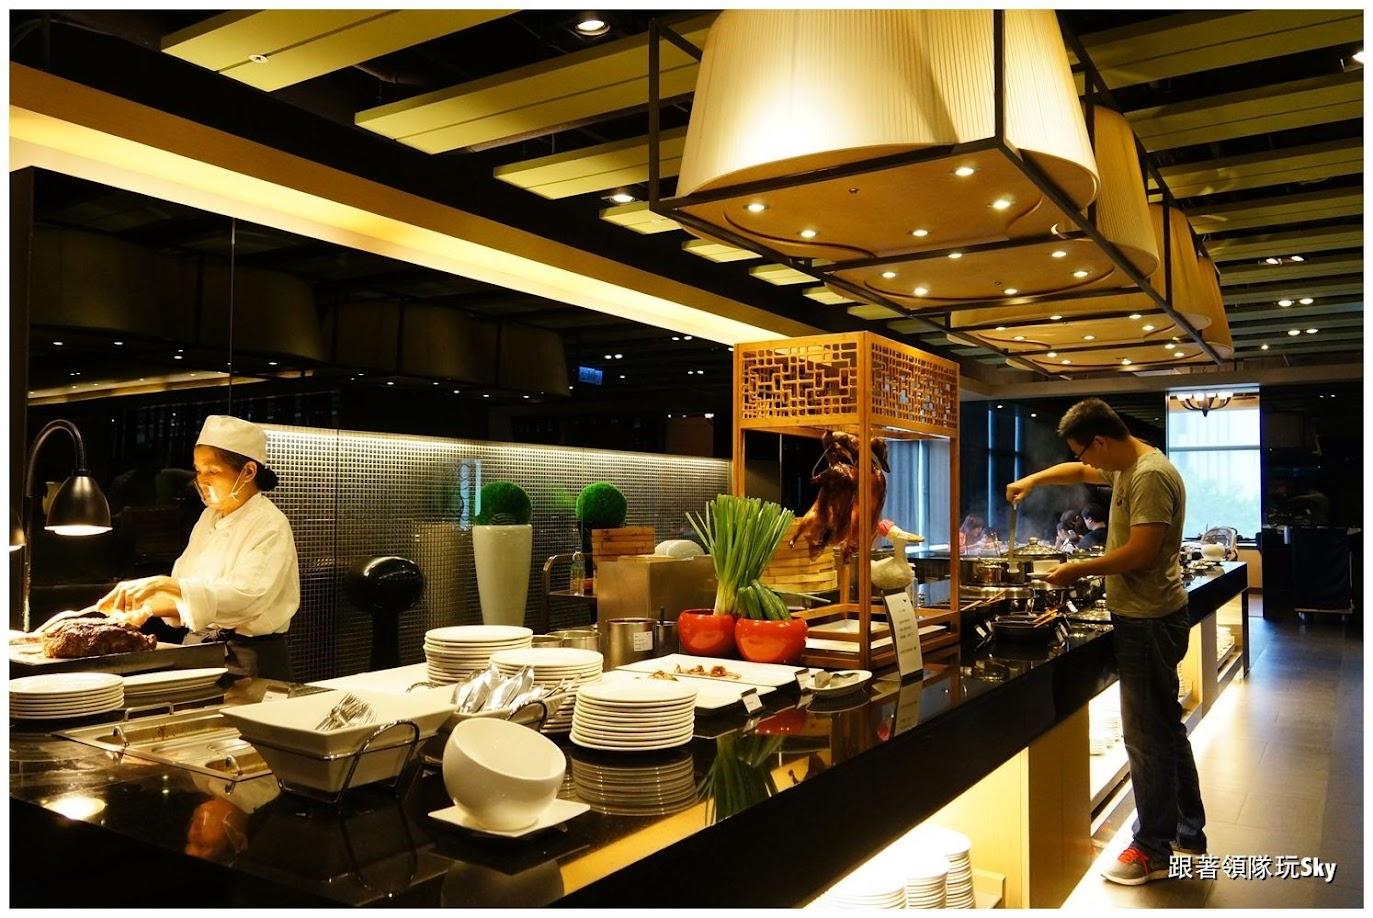 台北美食推薦-內湖精緻的 吃到飽餐廳 【饗食天堂】